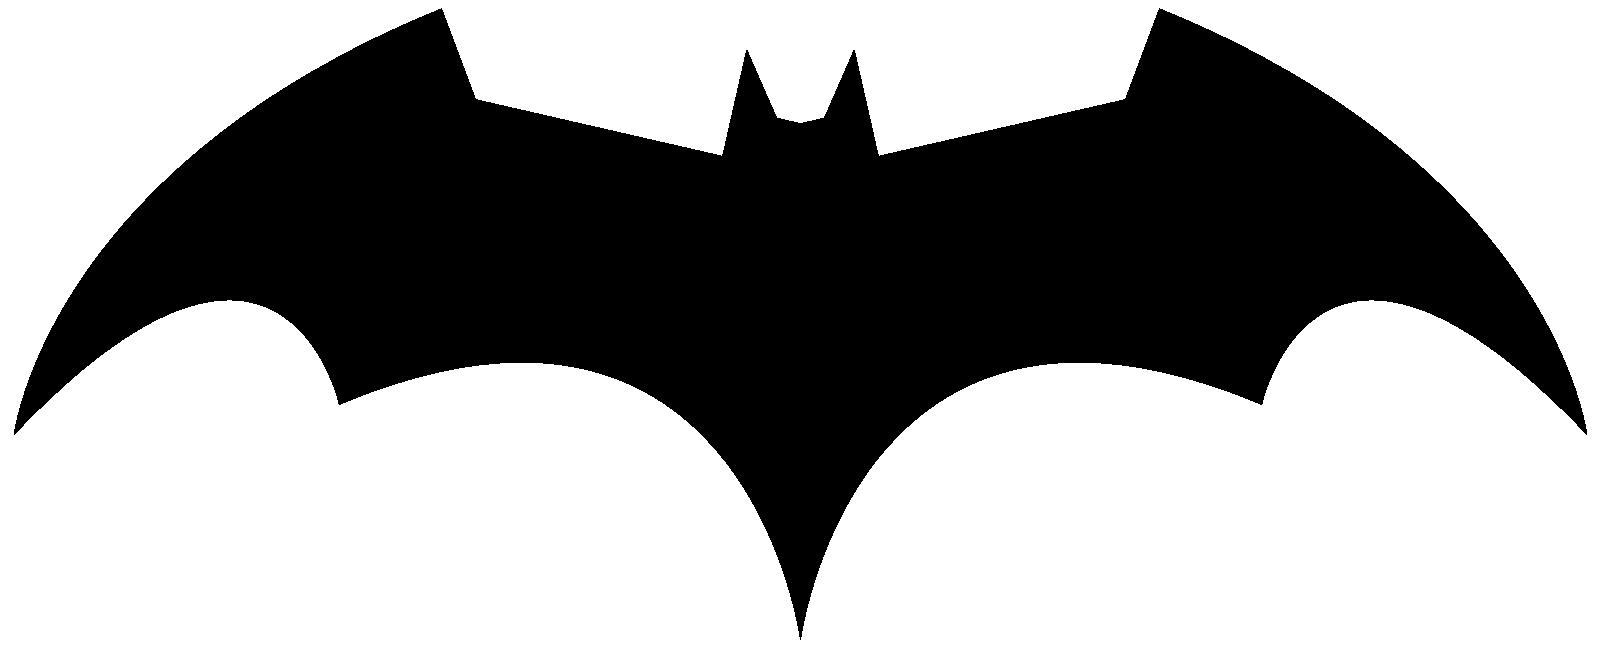 Suit clipart logo. Image batman png community